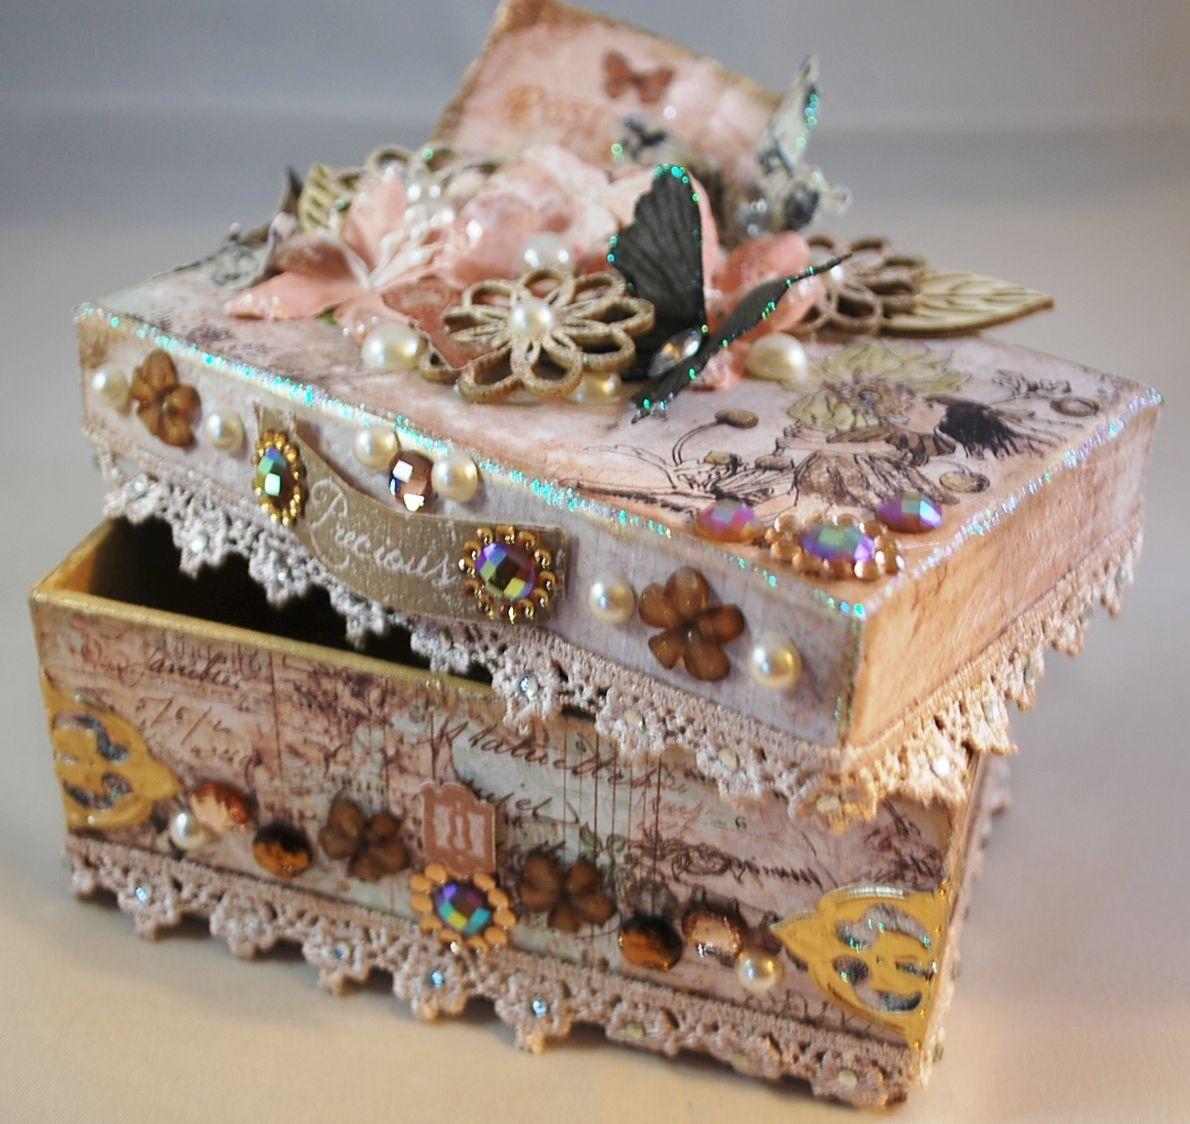 декор коробок своими руками в картинках славятся неимоверной красотой